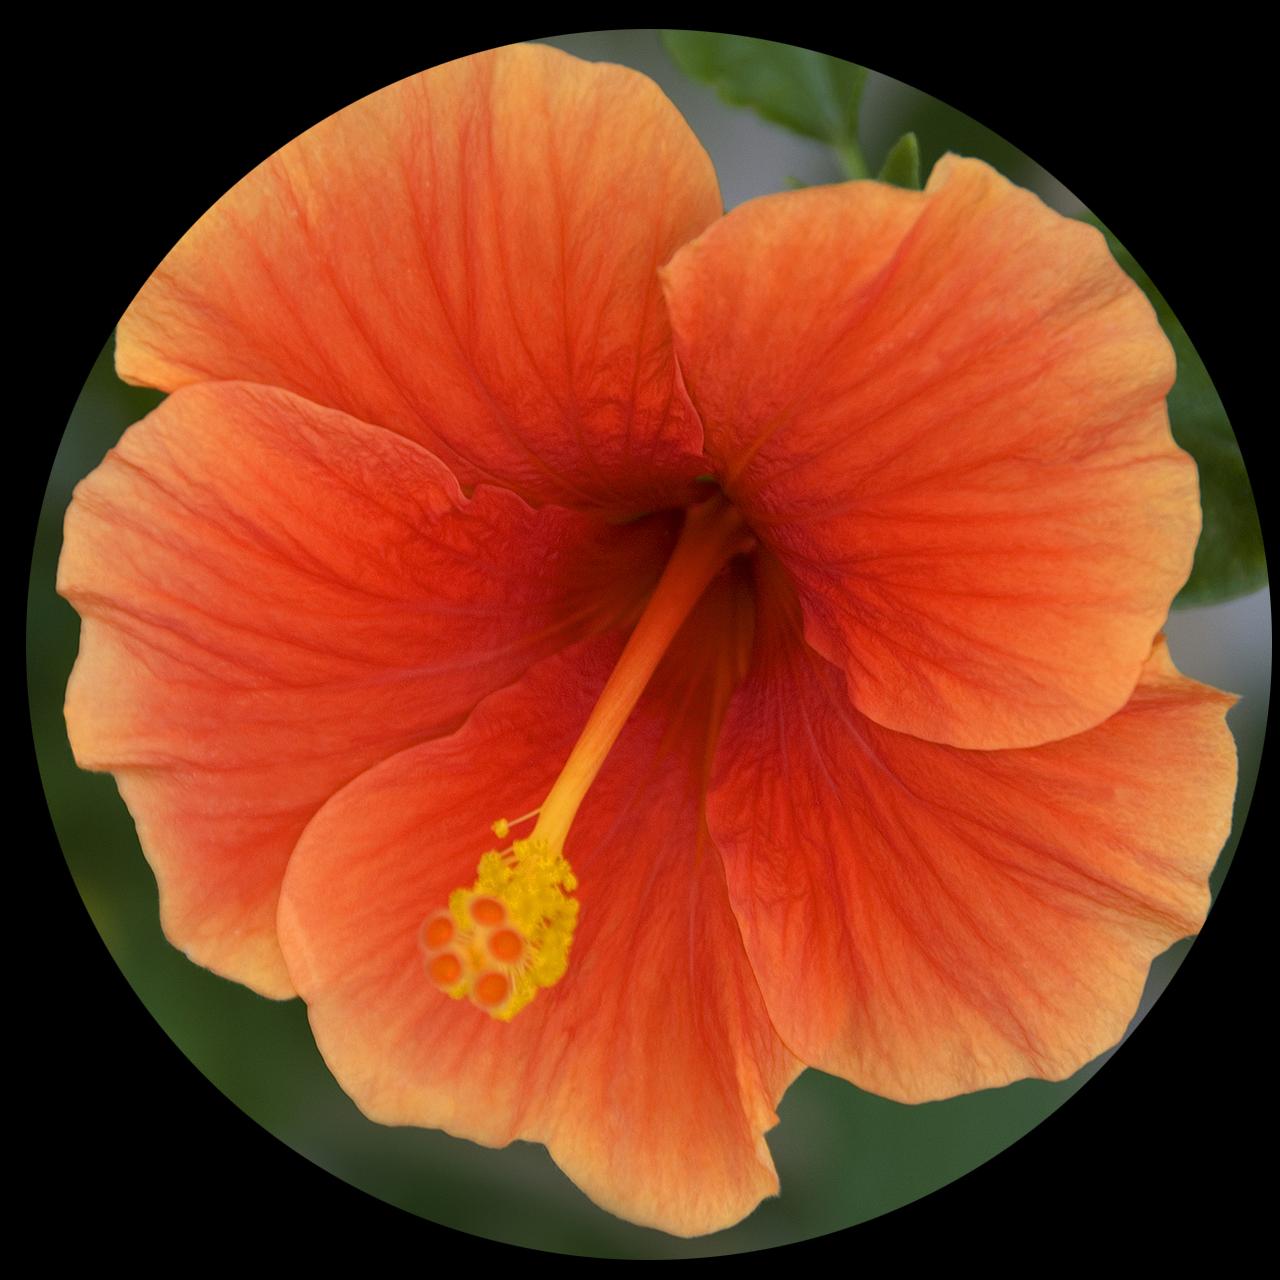 Tangerine Hibiscus (Hibiscus rosasinensis), Tucson, AZ May